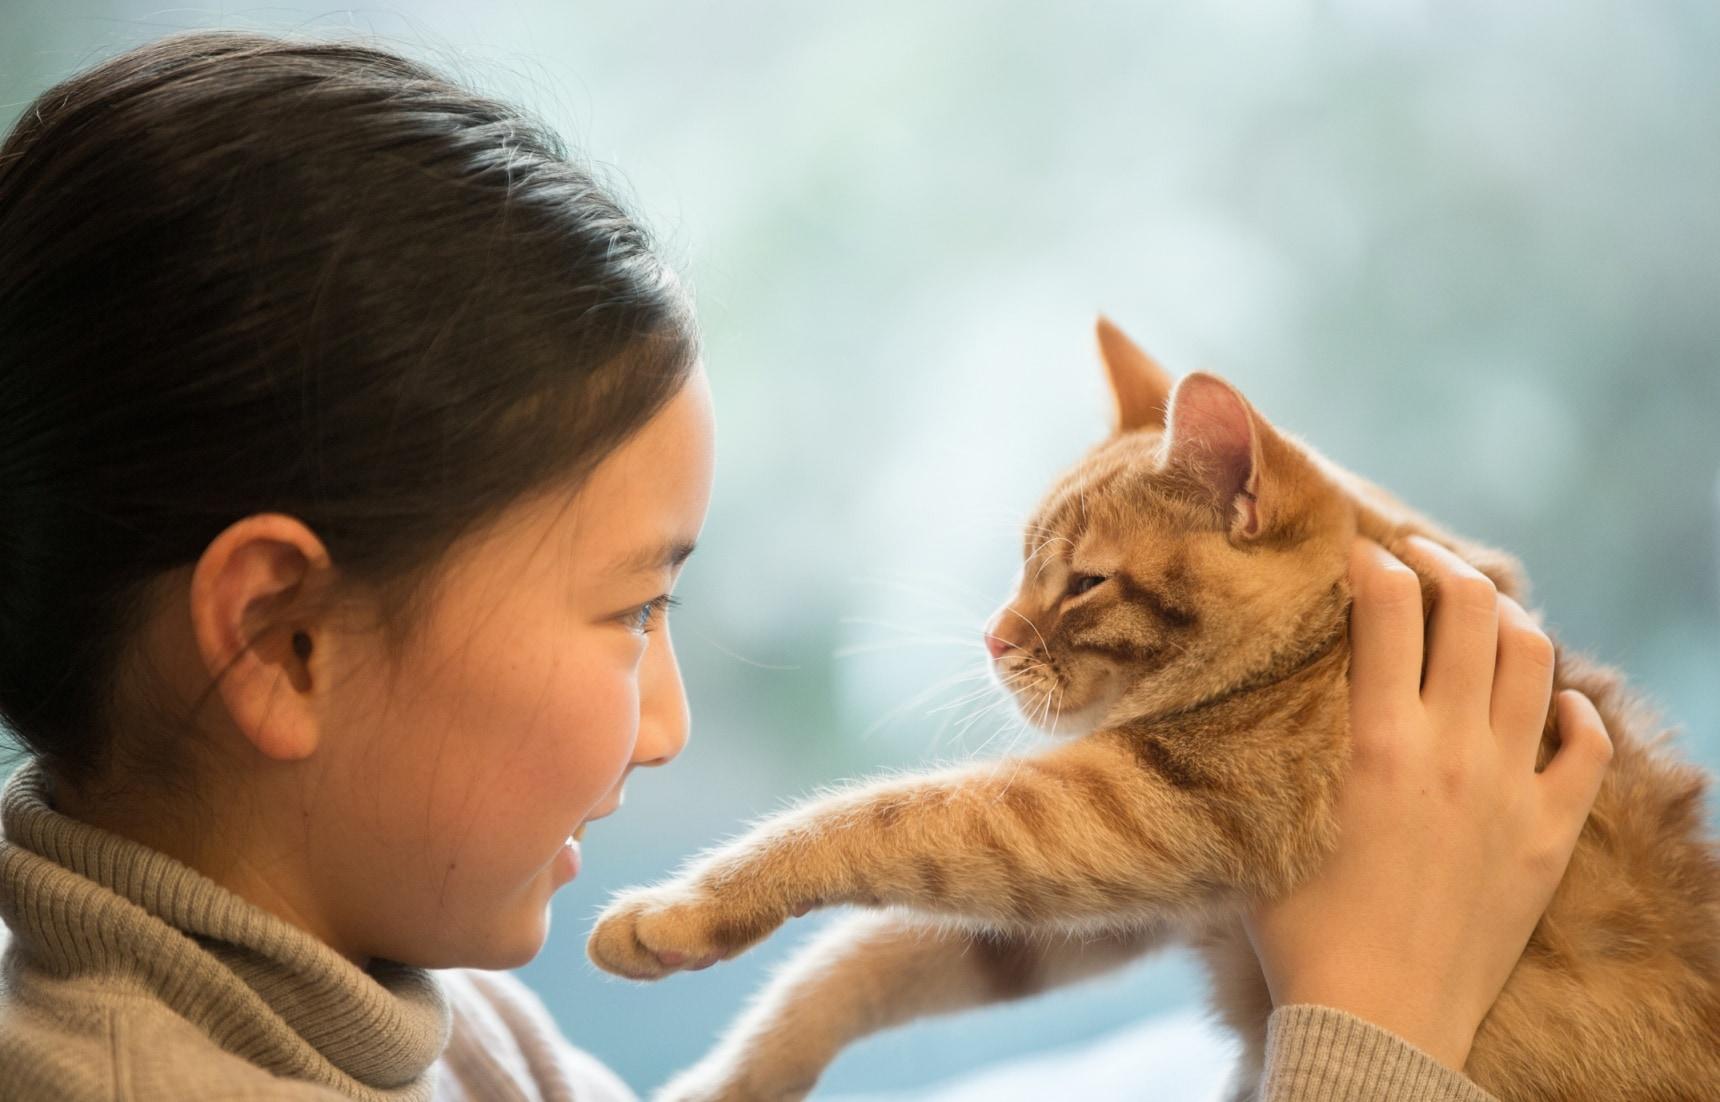 คาเฟ่แมวในญี่ปุ่น ทาสแมวต้องรู้จักไว้